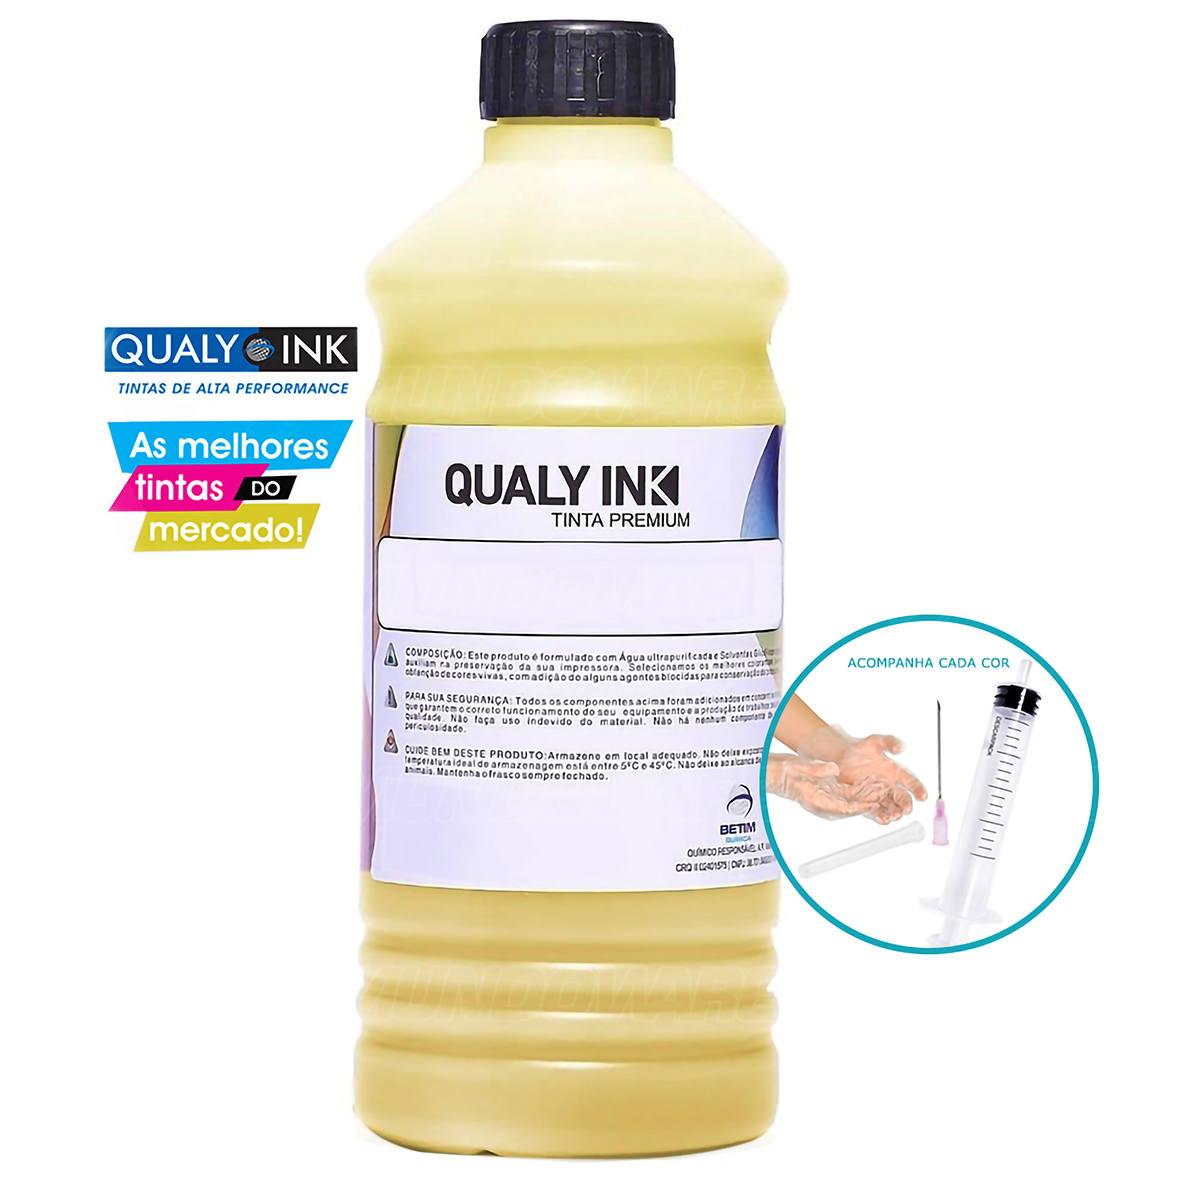 Compatível: Tinta Corante Qualy-Ink YC3E-1514 Série 673 para Epson L800 L805 L810 L850 L1800 Amarelo 1L